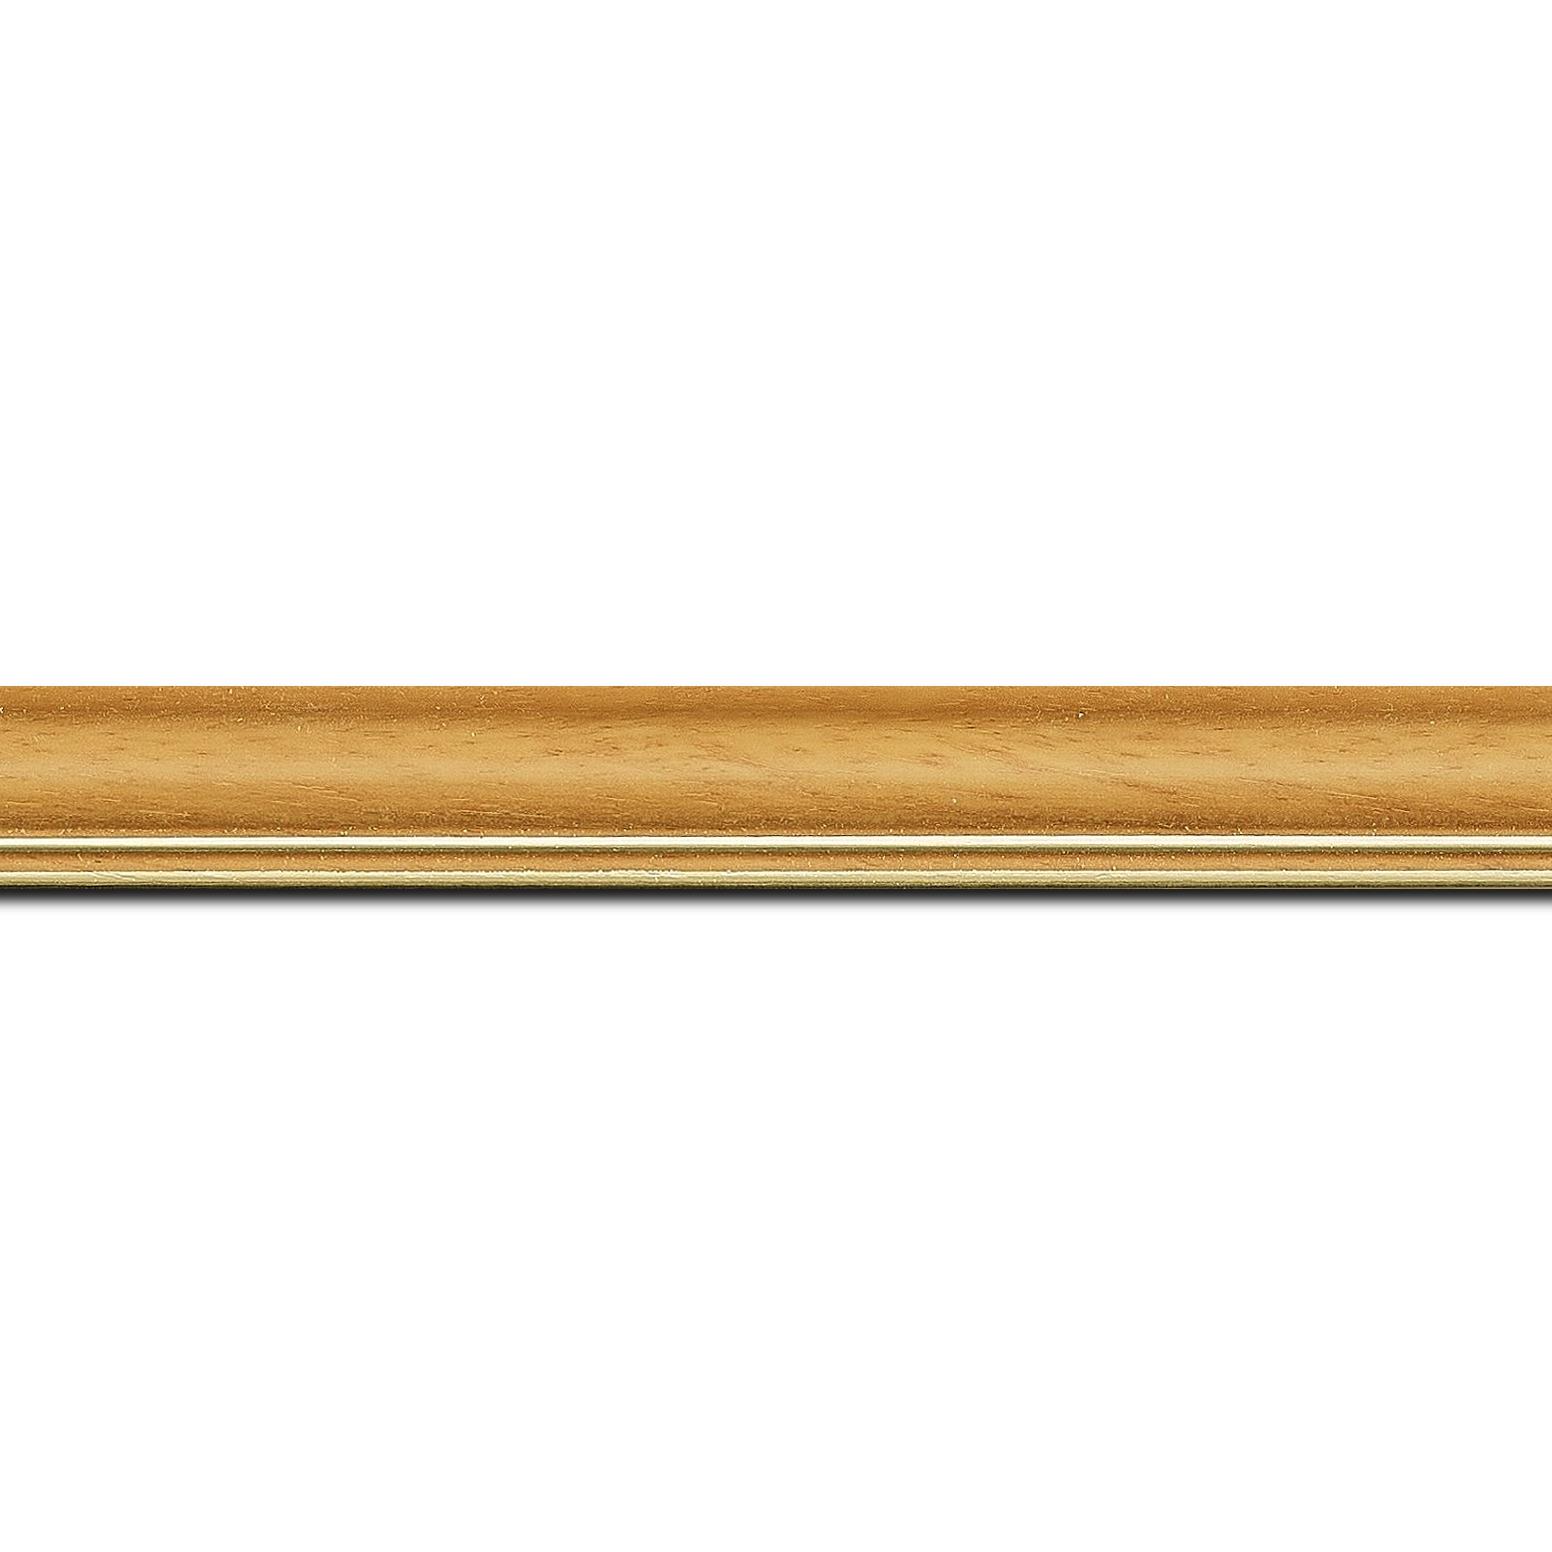 Pack par 12m, bois profil doucine inversée largeur 2.3cm jaune tournesol satiné double filet or (longueur baguette pouvant varier entre 2.40m et 3m selon arrivage des bois)